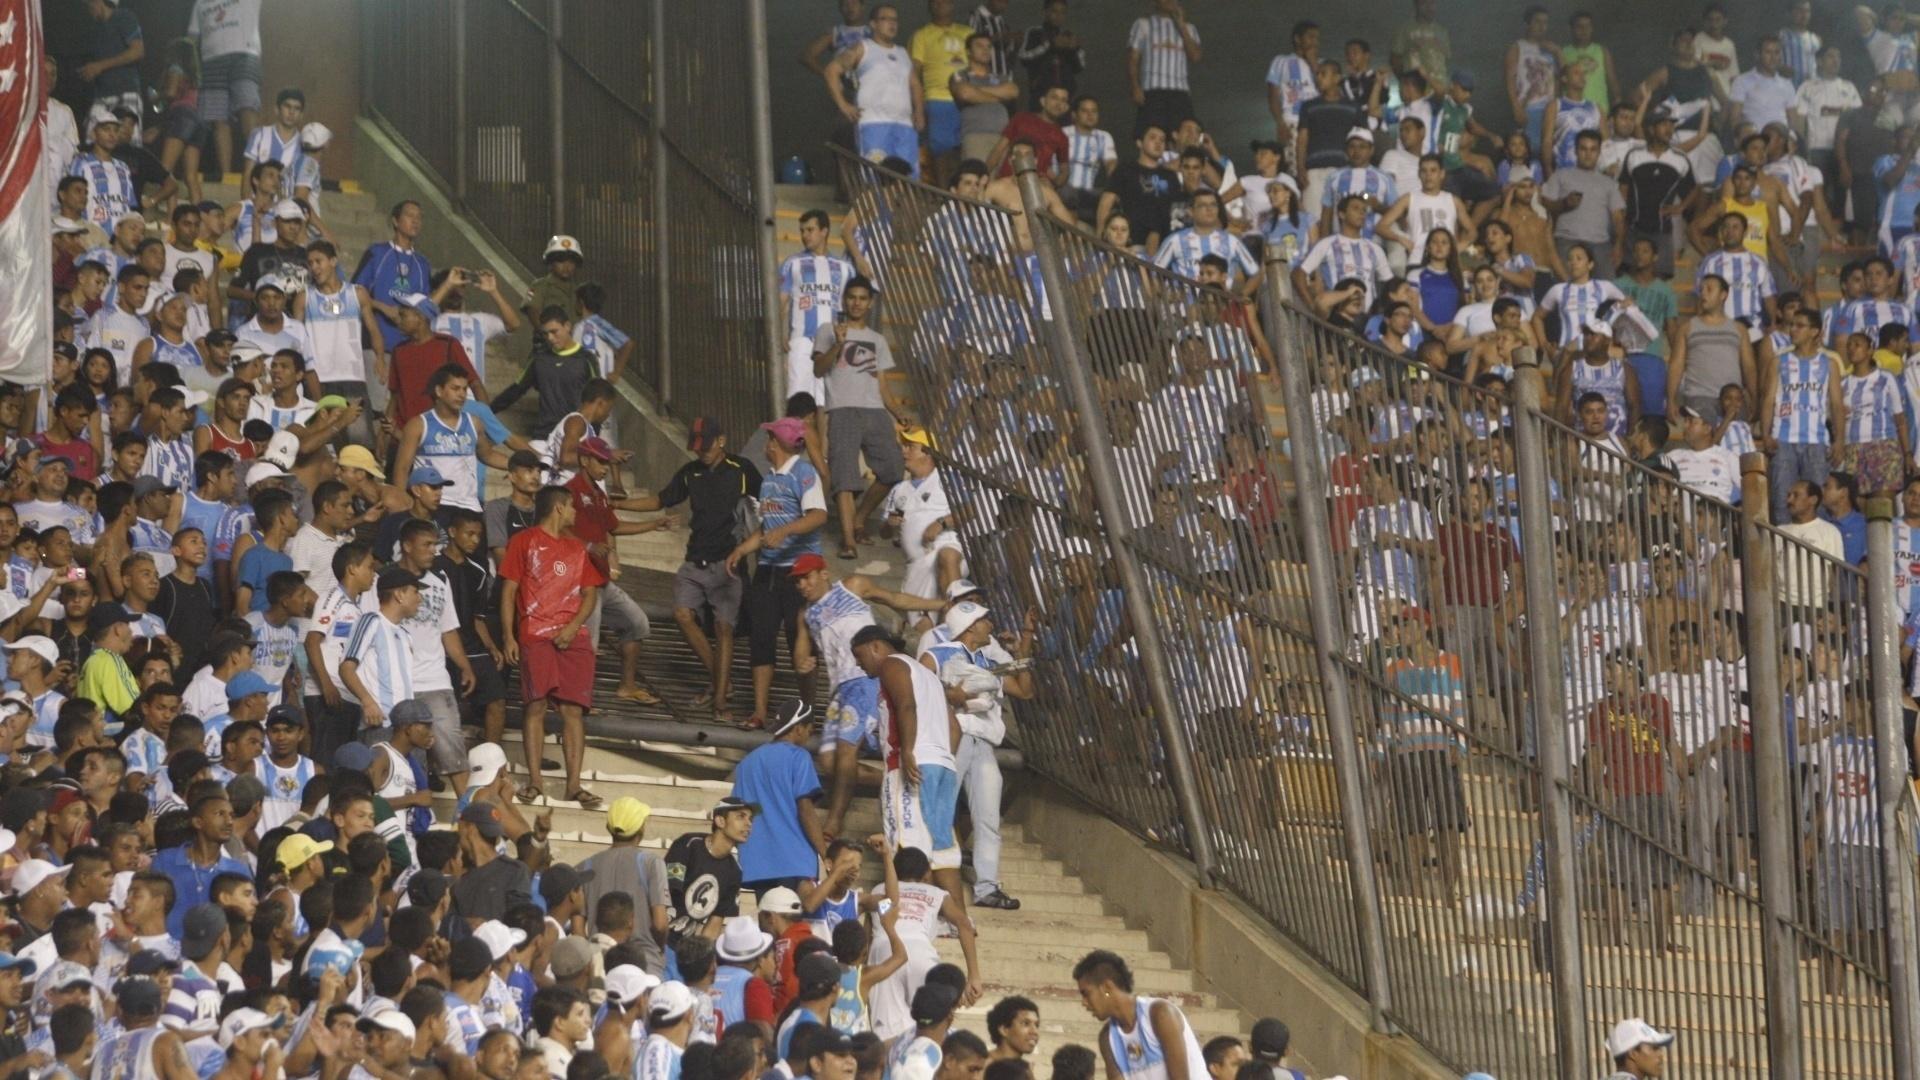 Alambrado de proteção do estádio Mangueirão é derrubado por torcedores durante briga no jogo entra Paysandu e Sport